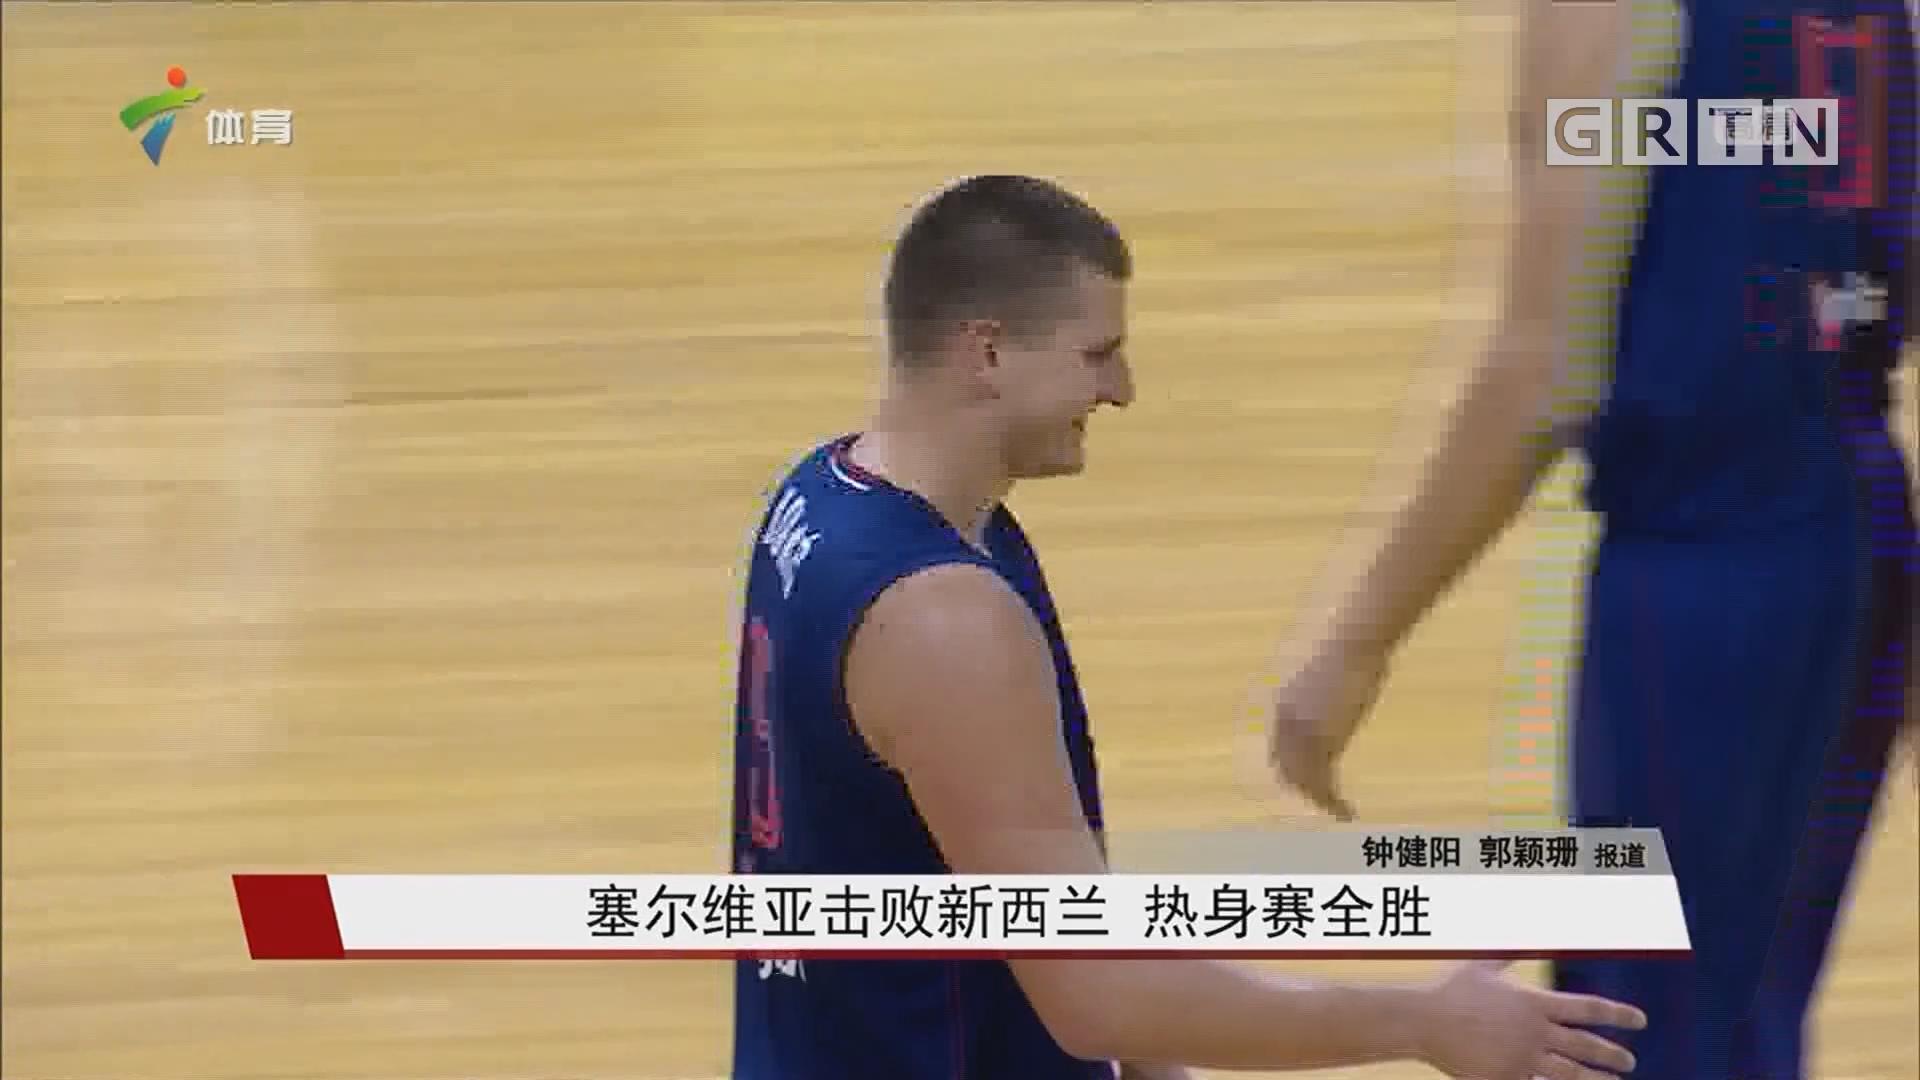 塞尔维亚击败新西兰 热身赛全胜